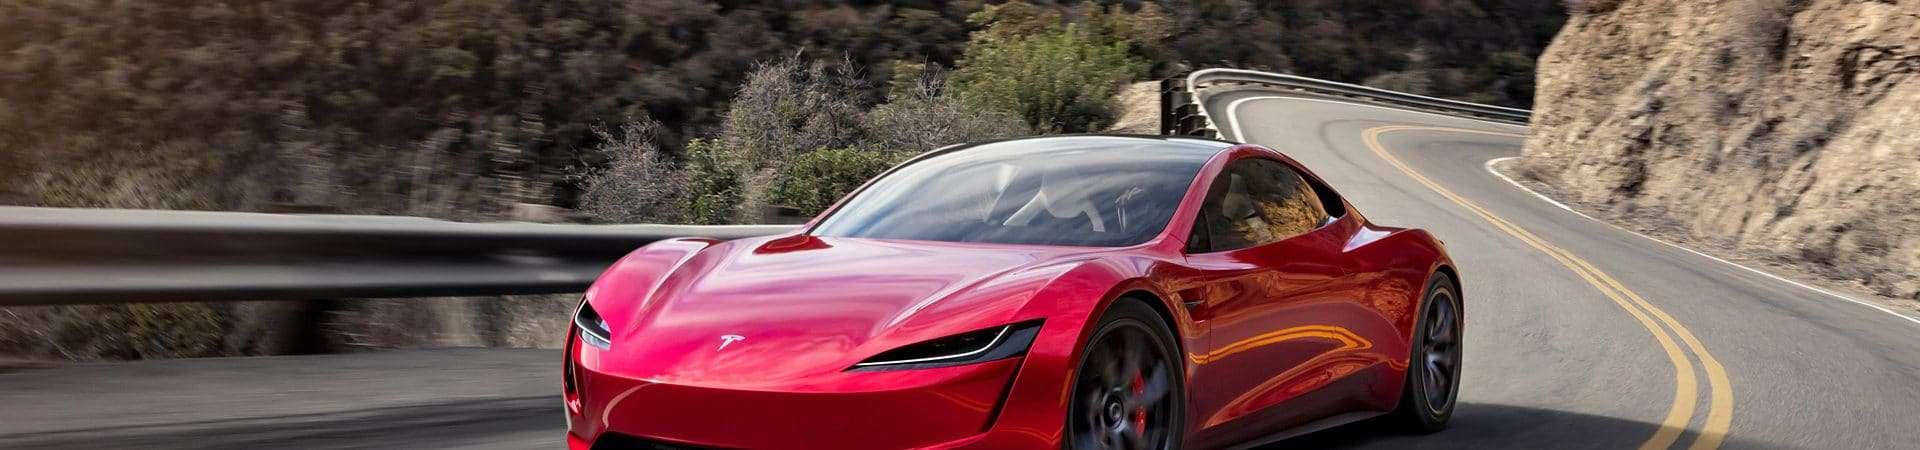 Novo Tesla Roadster será exibido em museu por 2 semanas. Imagem: Tesla/Divulgação